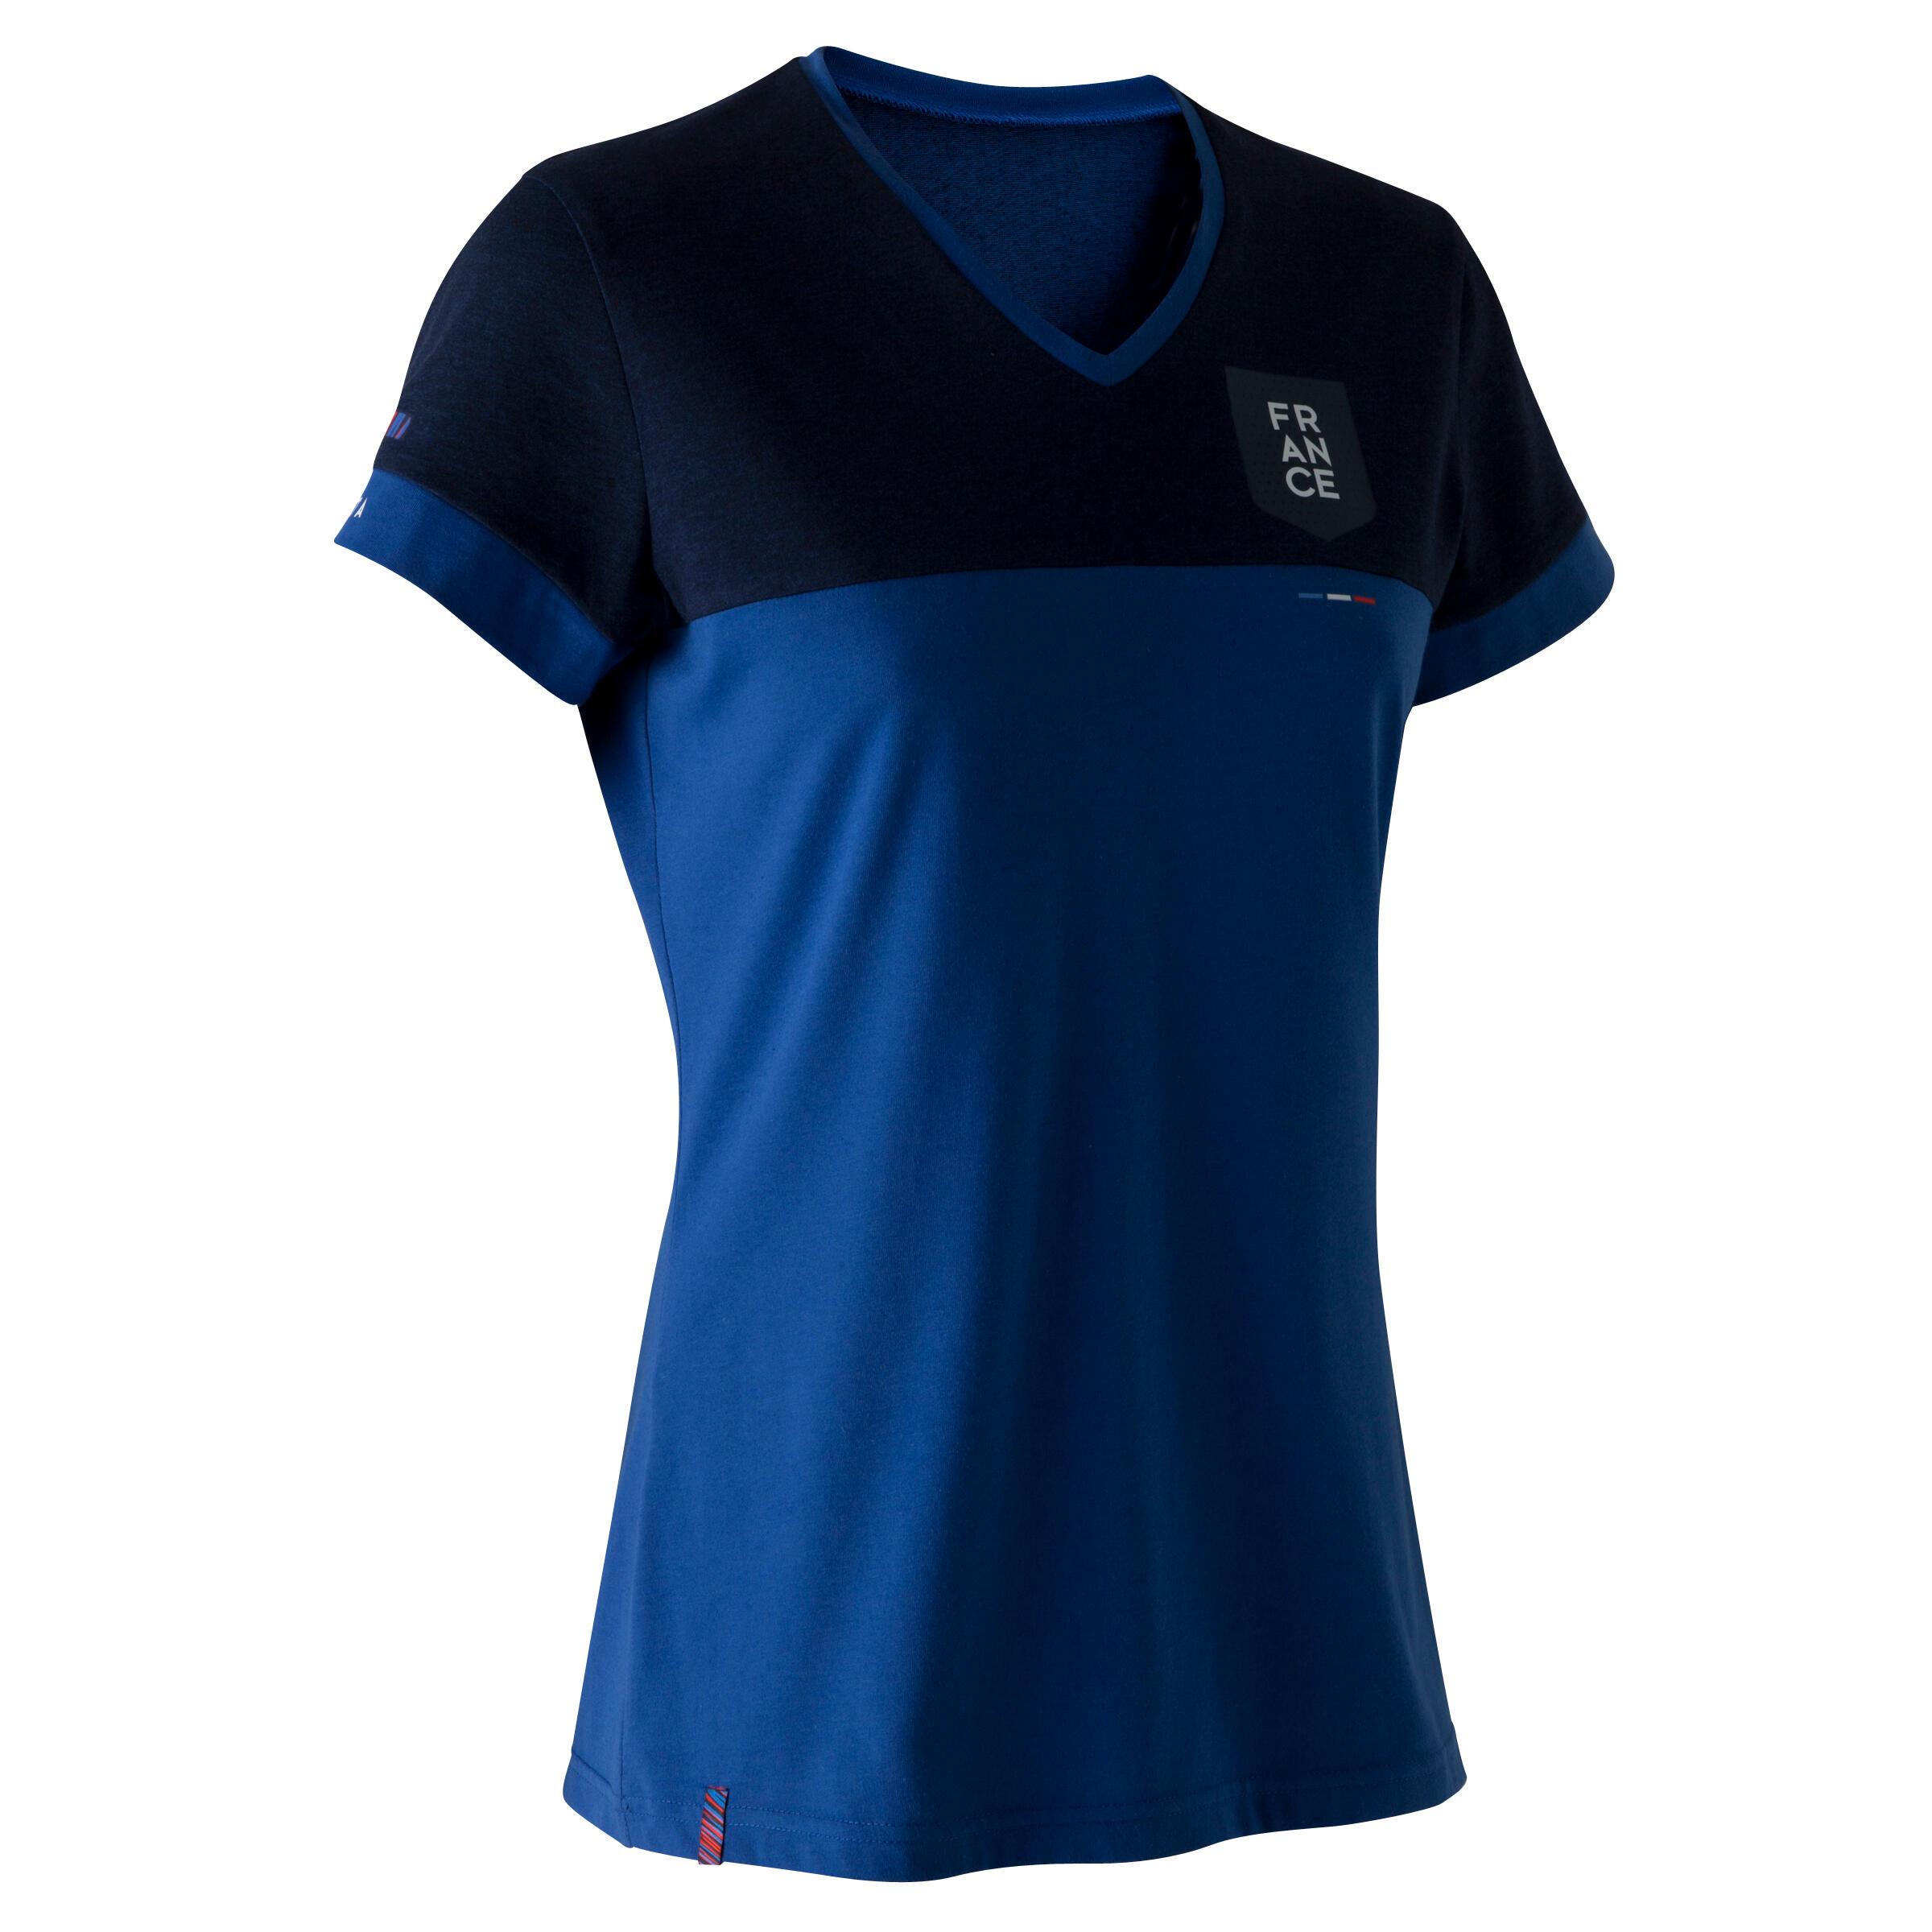 Kipsta Voetbalshirt Frankrijk FF100 voor dames blauw